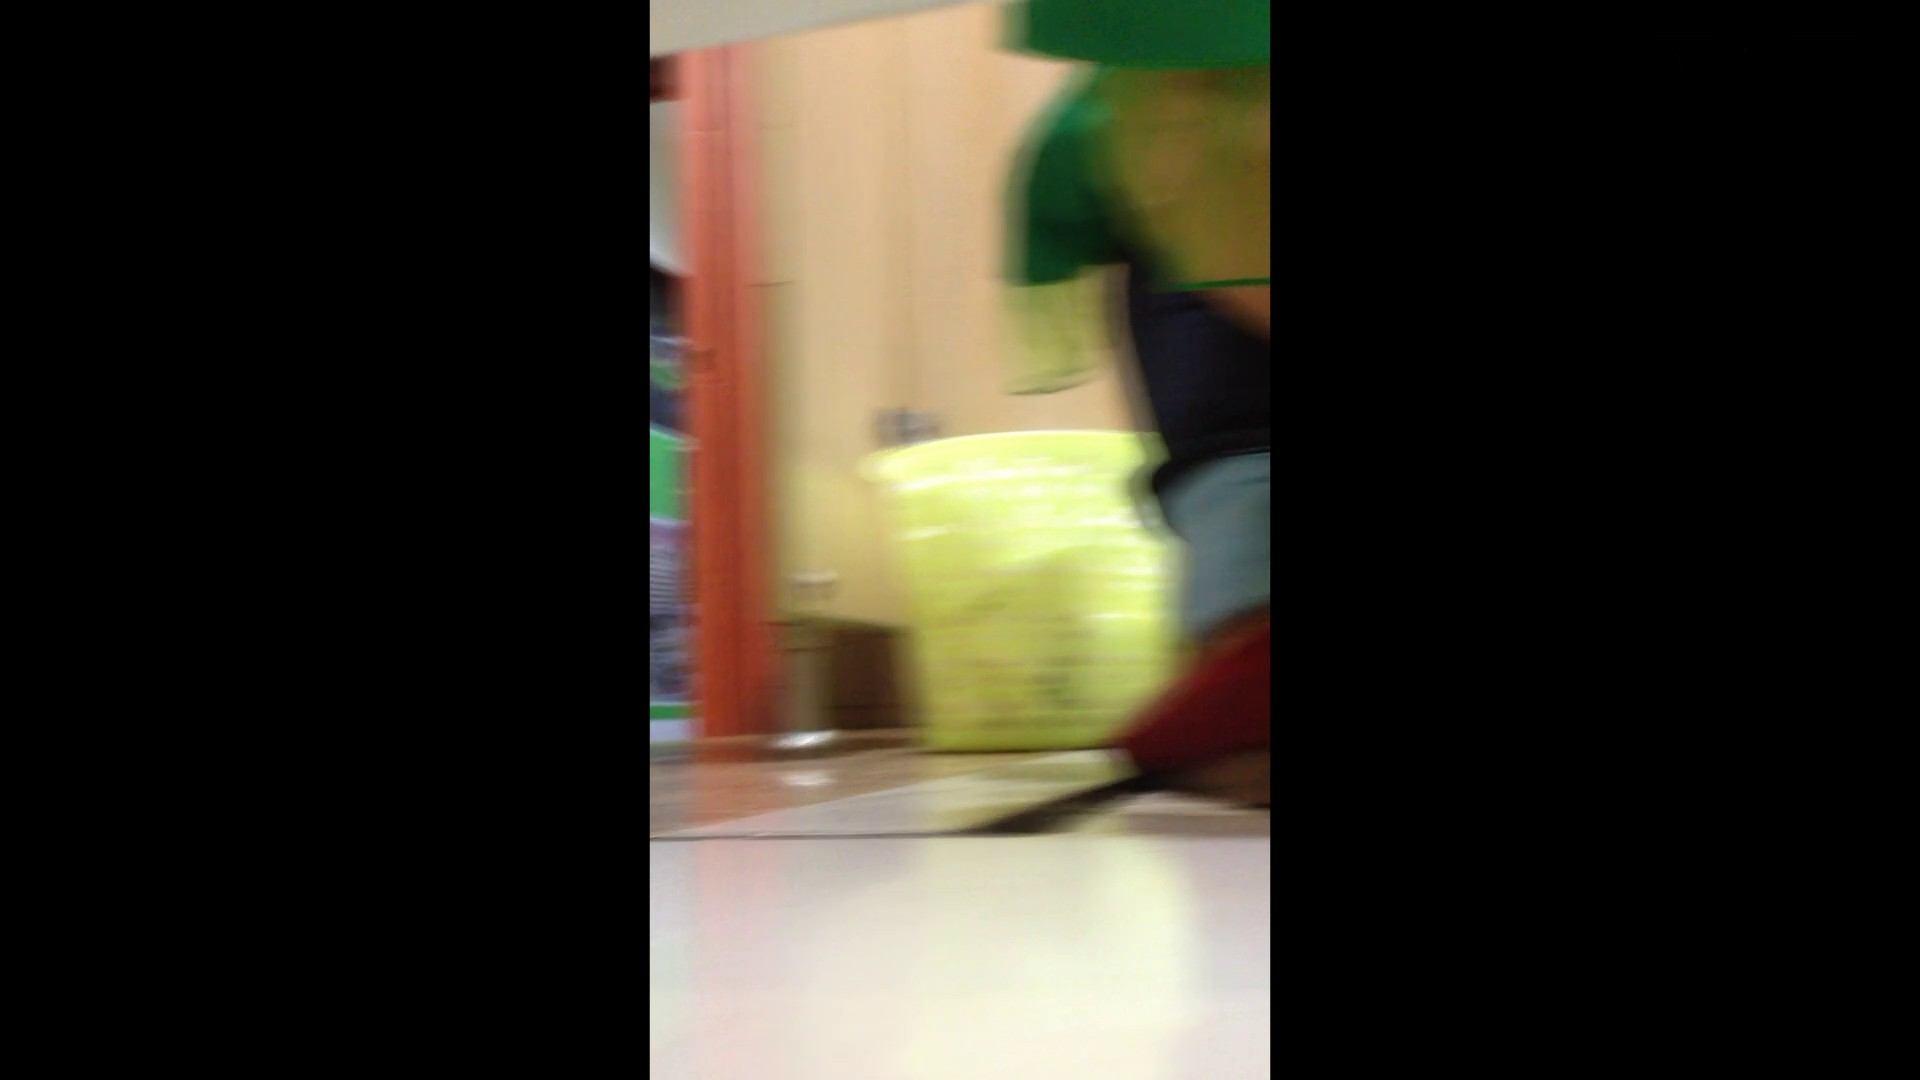 芸術大学ガチ潜入盗撮 JD盗撮 美女の洗面所の秘密 Vol.87 丸見え おめこ無修正動画無料 110枚 110